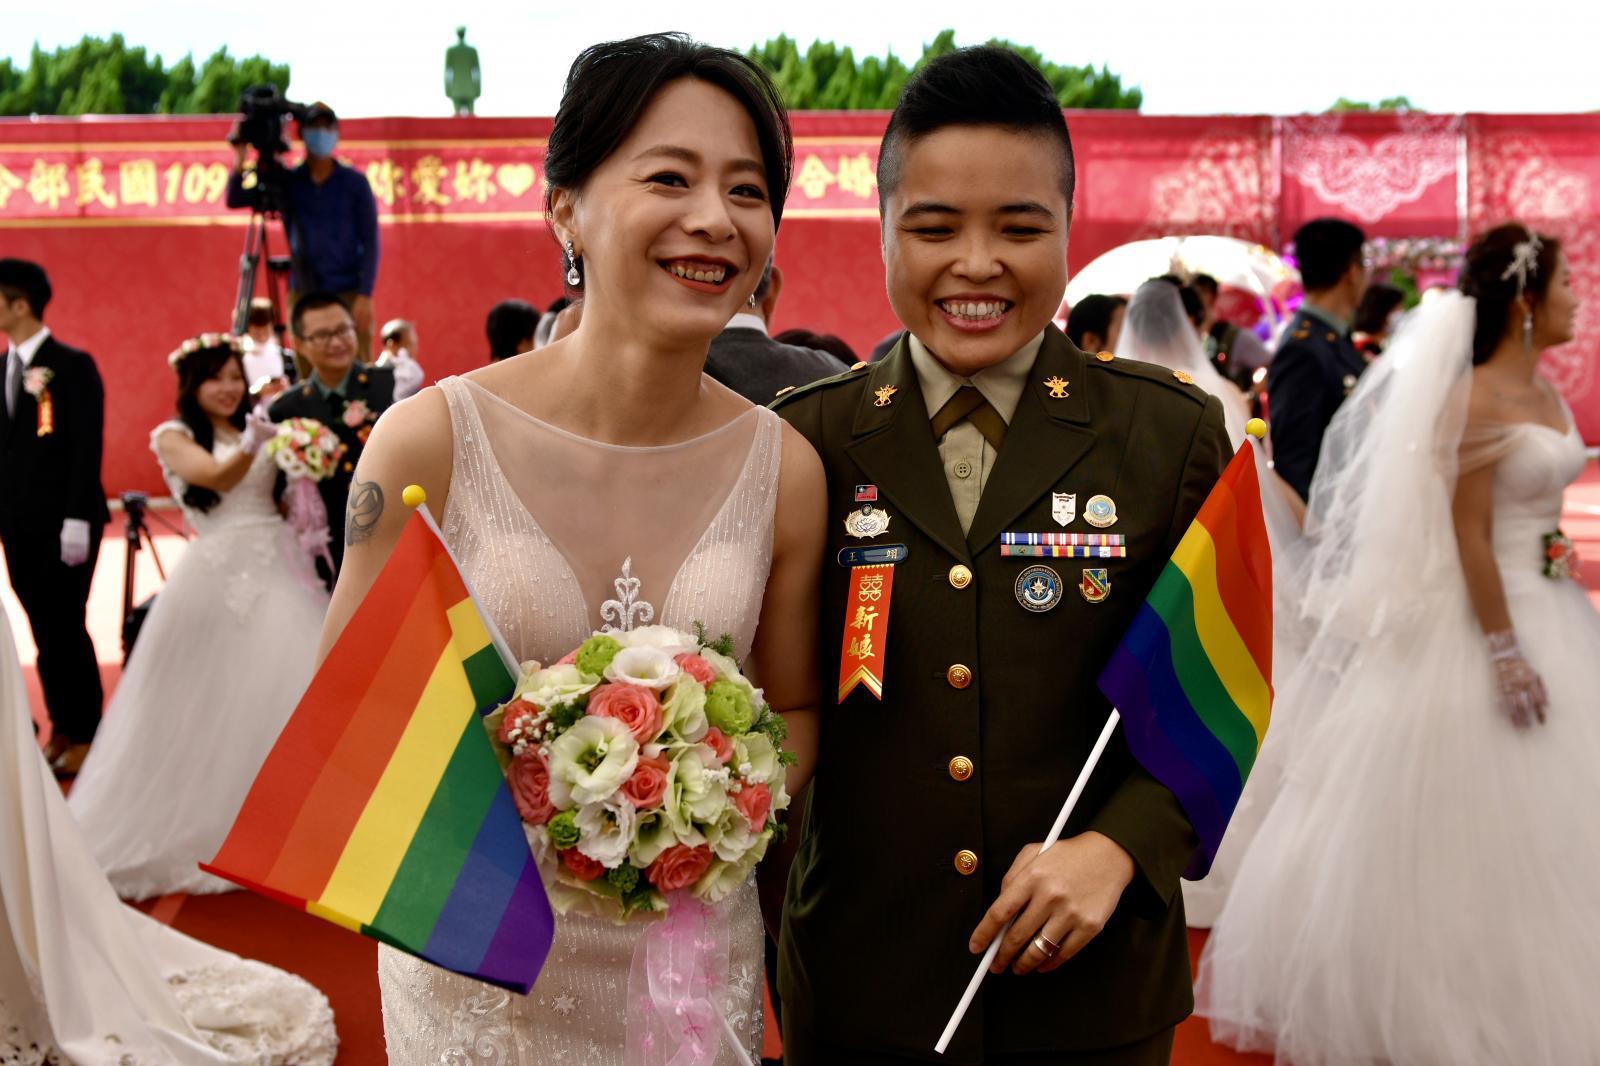 กองทัพไต้หวันจัดงานสมรสให้คู่รัก LGBT เป็นครั้งแรก